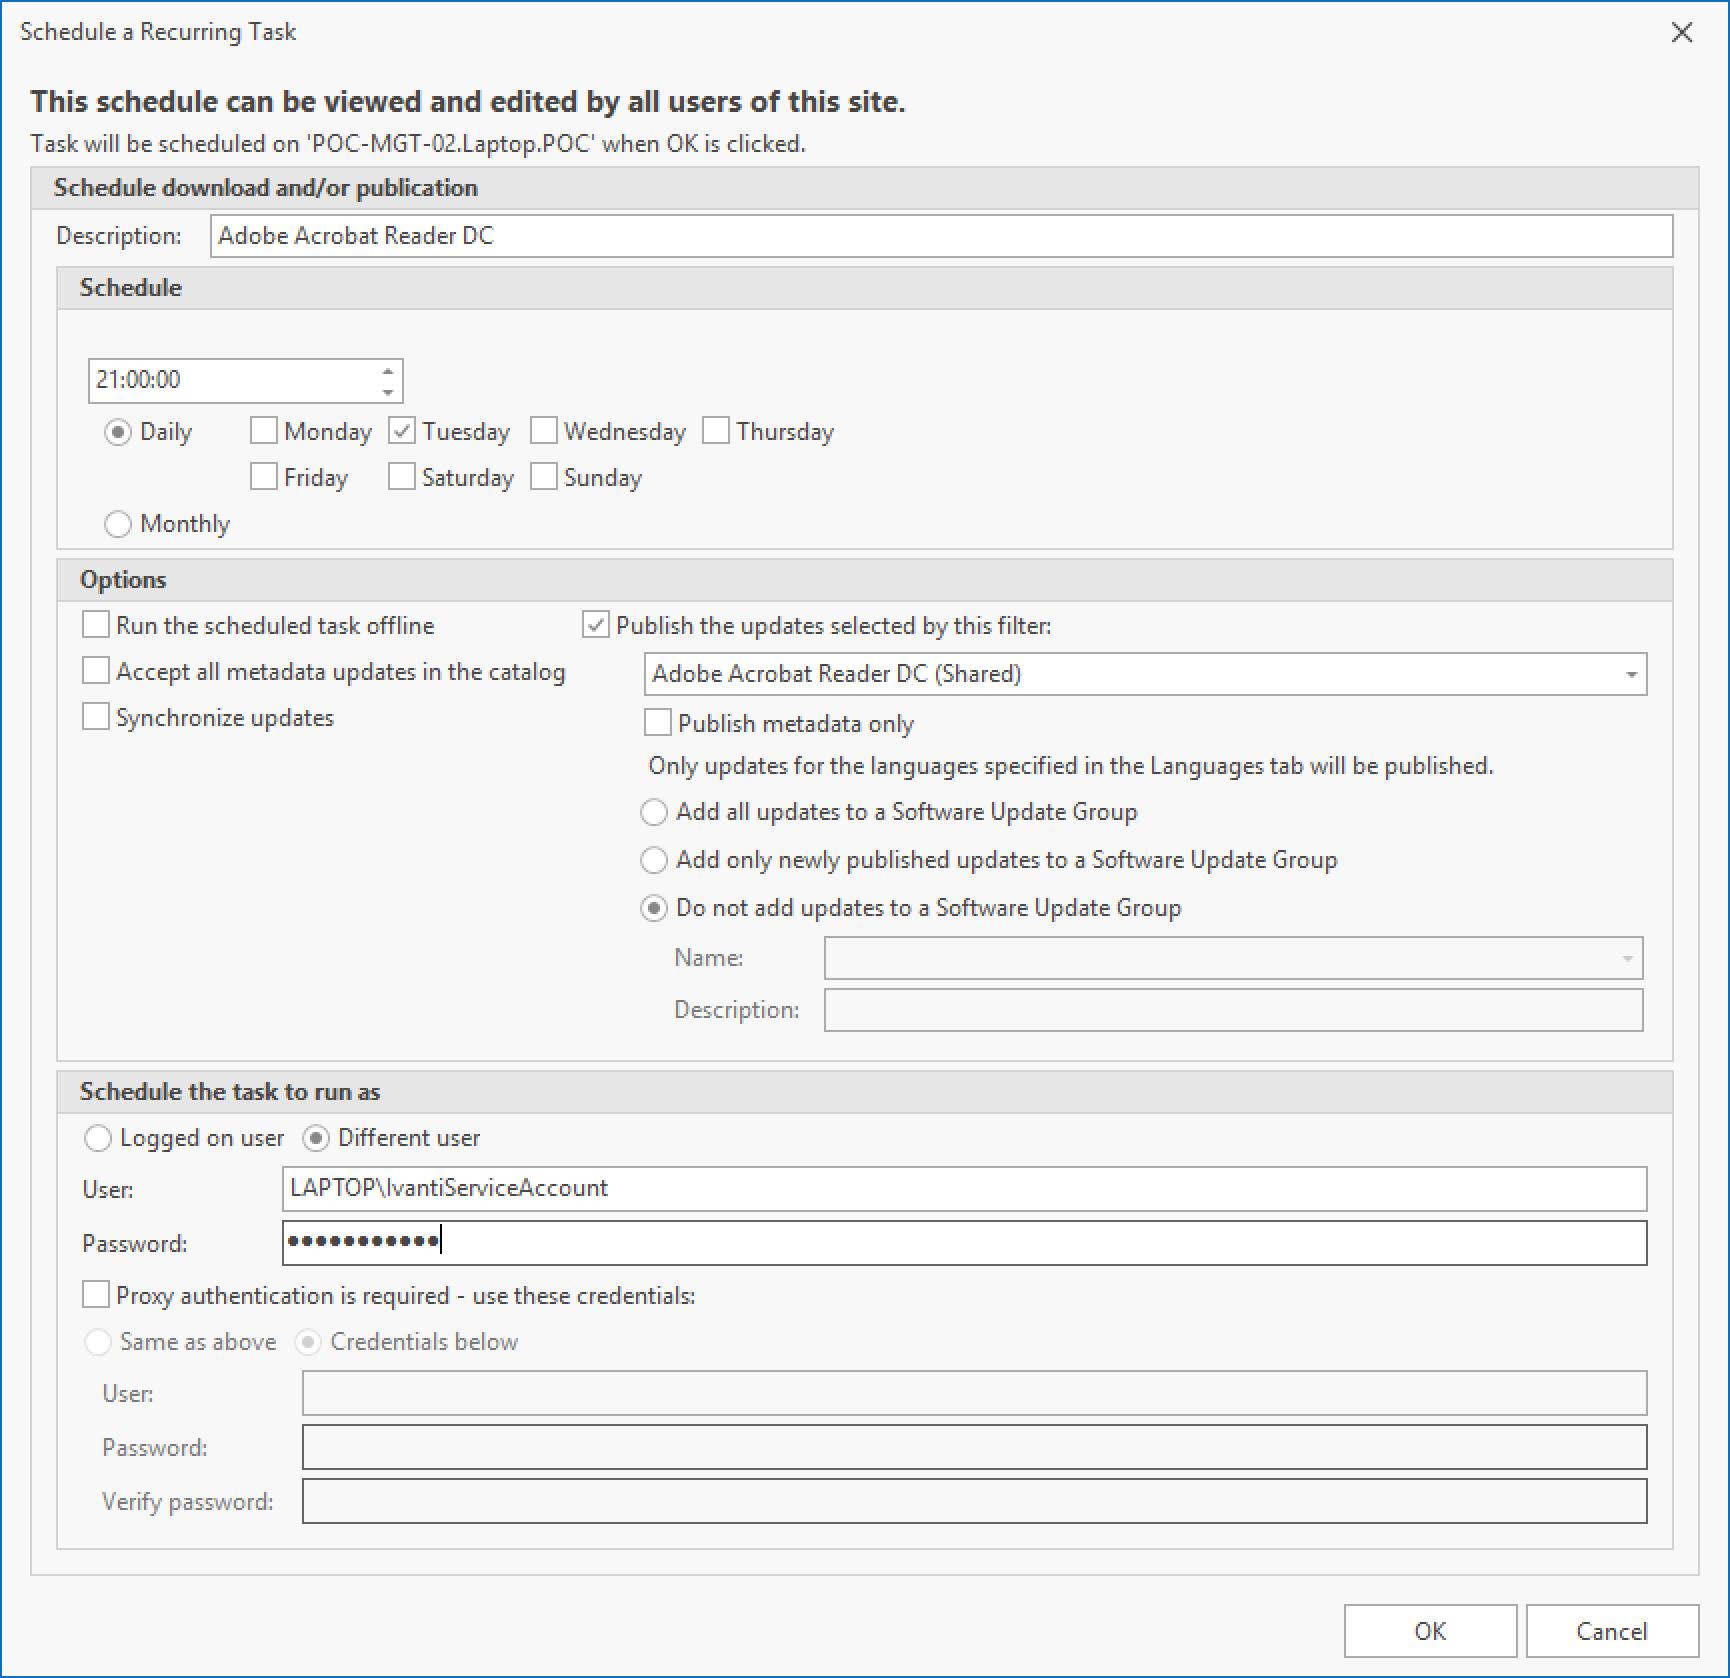 Adobe Acrobat Reader DC Scheduled Task